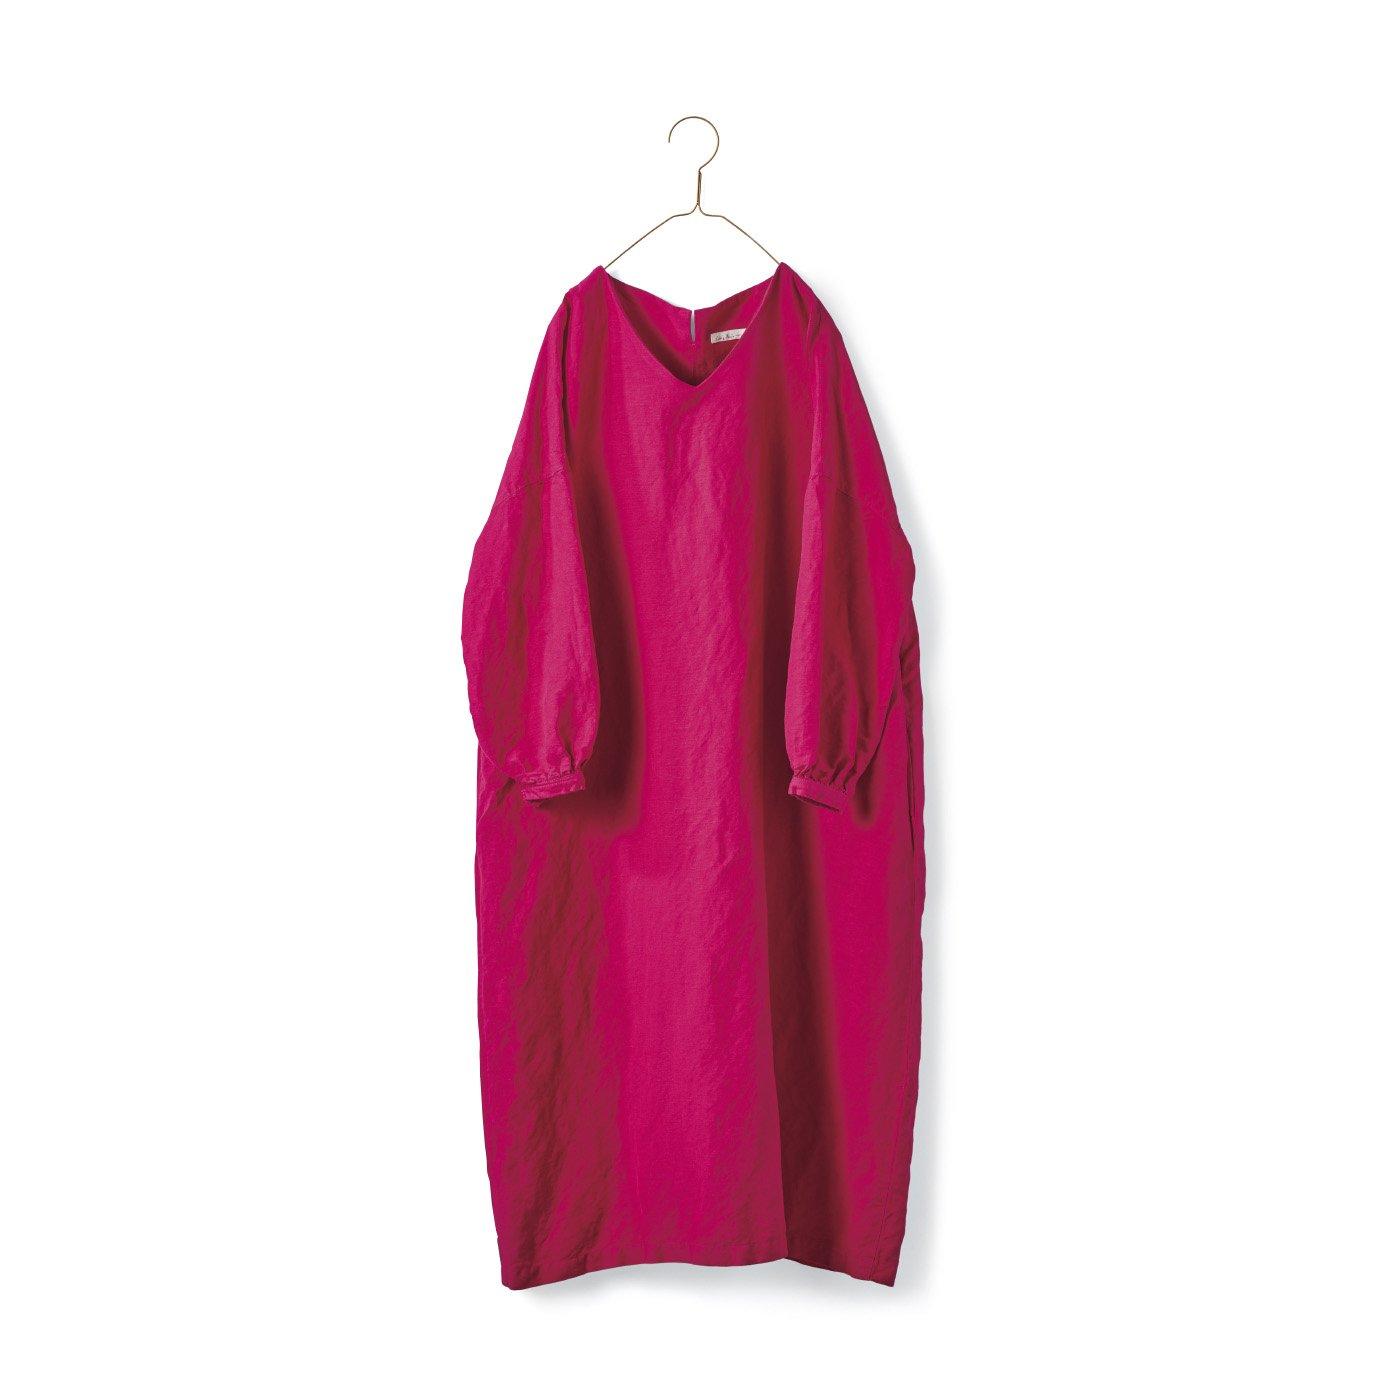 サニークラウズ Vネックのサックドレス〈レディース〉ピンク